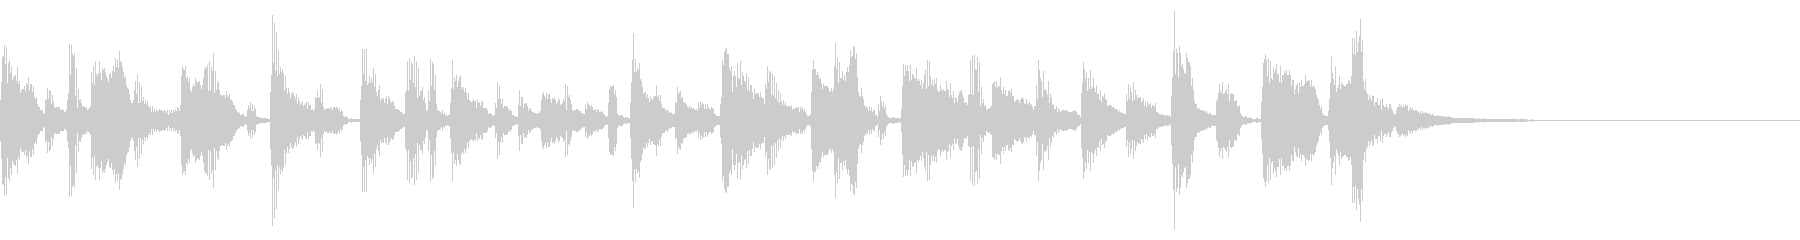 ラジオ シンプル ジングル の未再生の波形